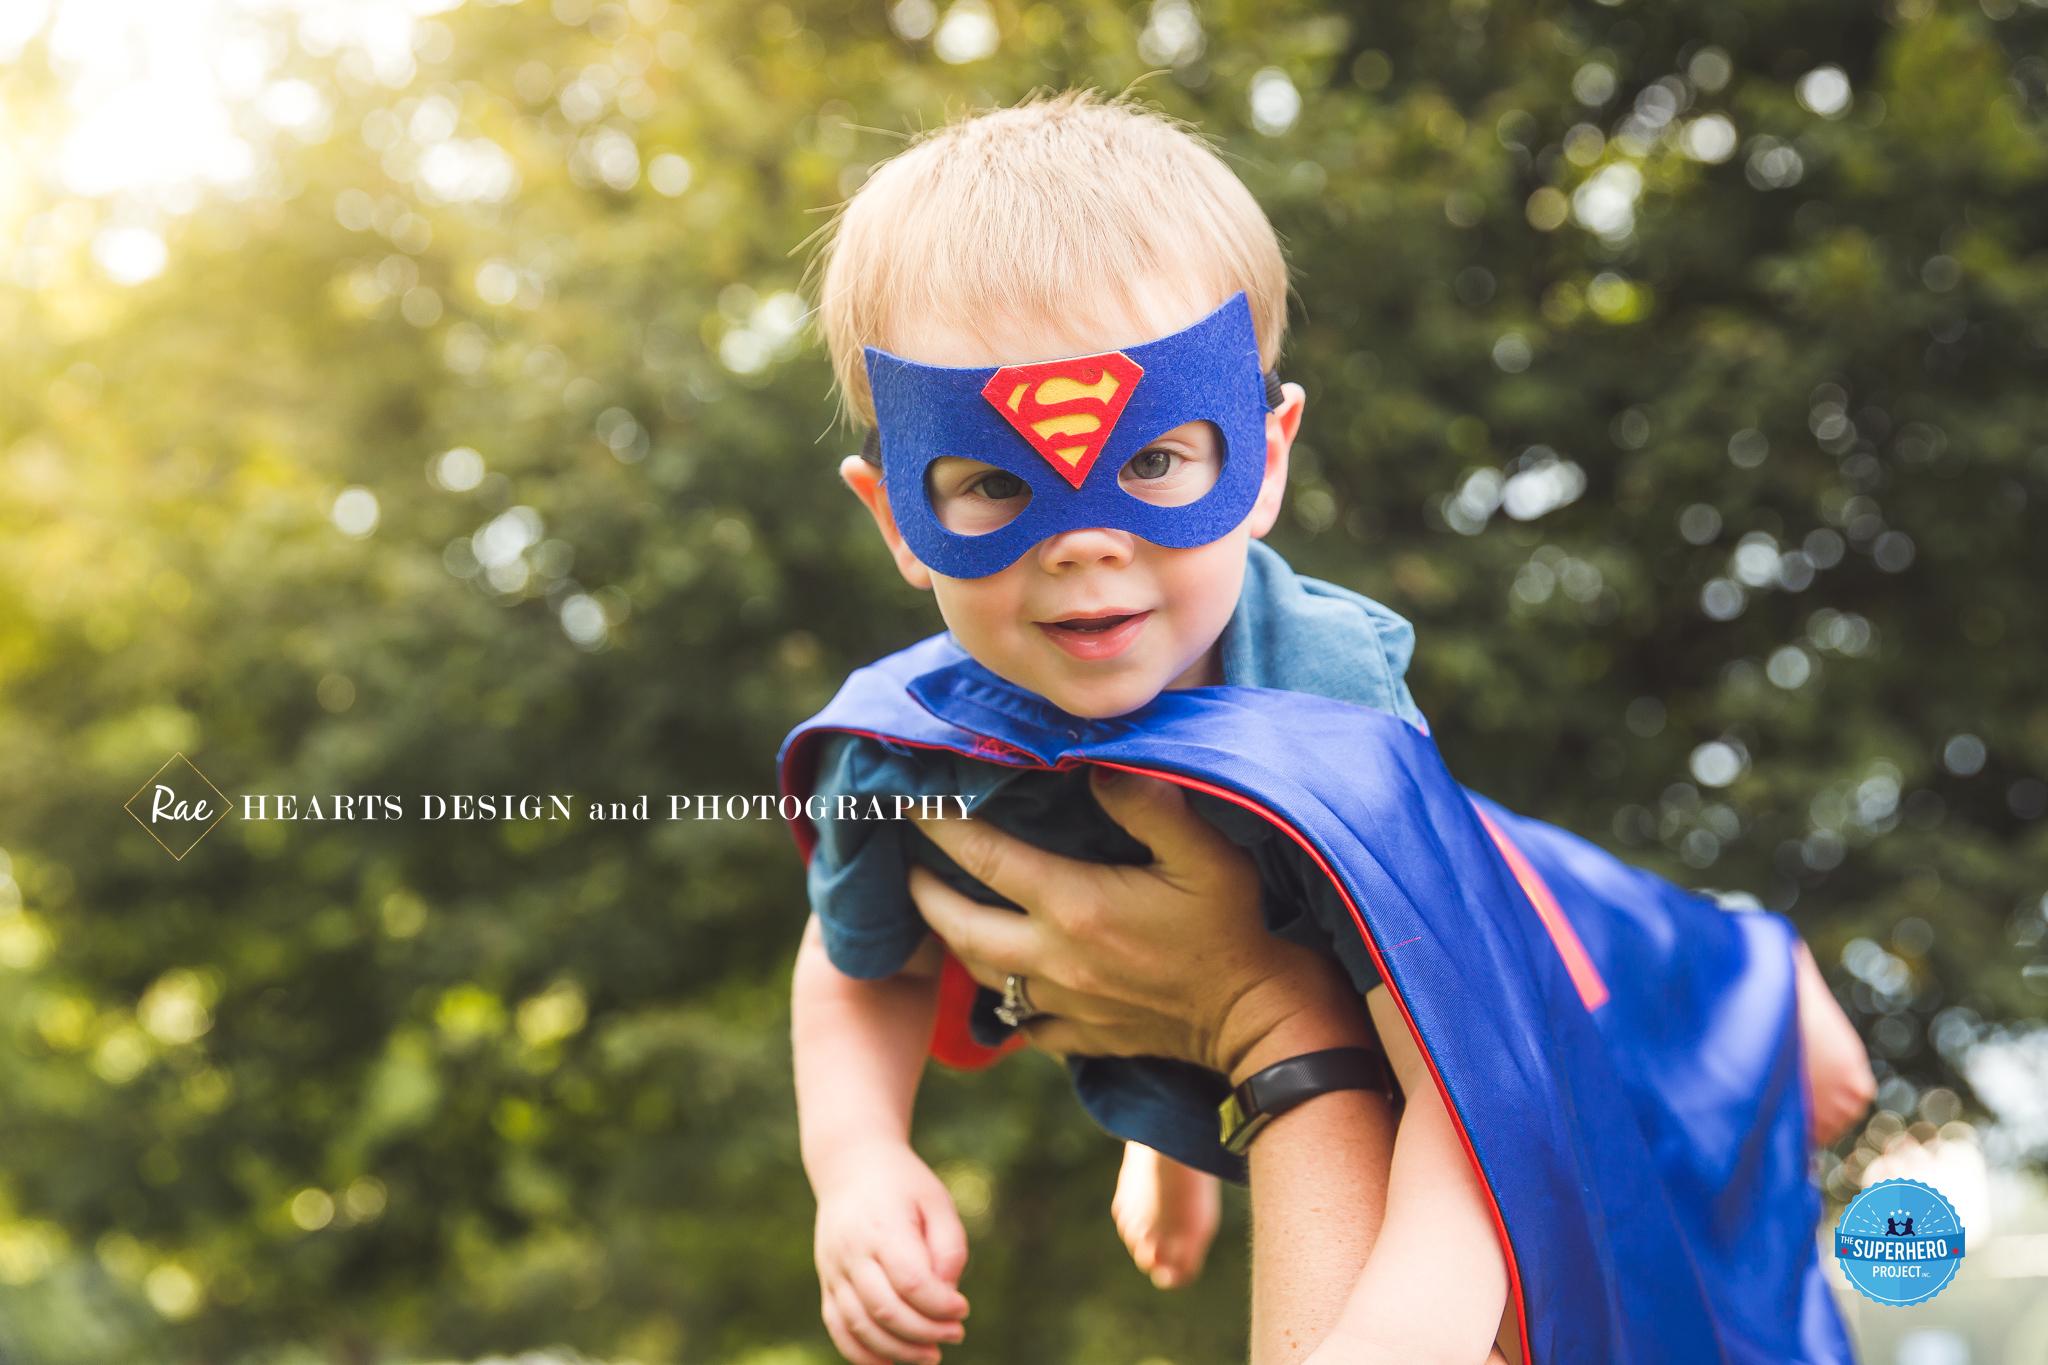 sp superhero-13 copy